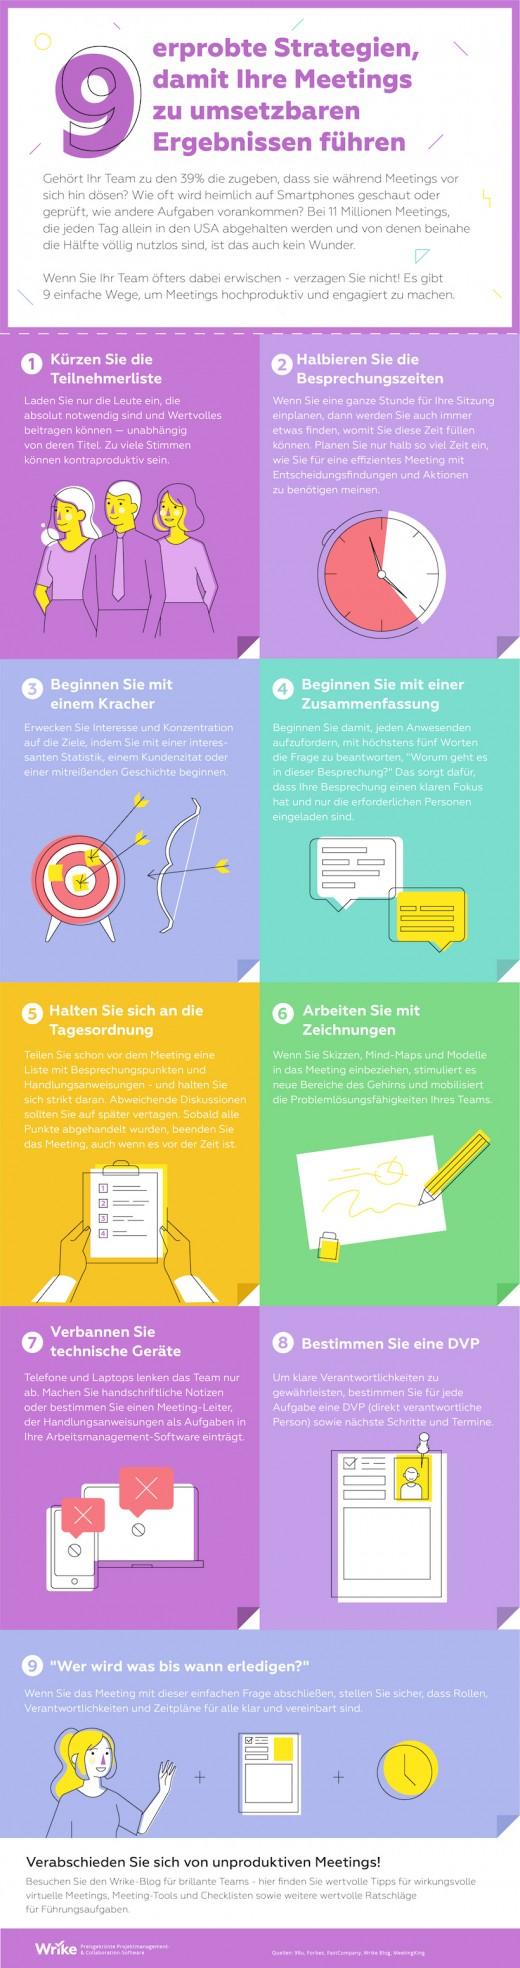 9 erprobte Strategien, damit Ihre Meetings zu umsetzbaren Ergebnissen führen